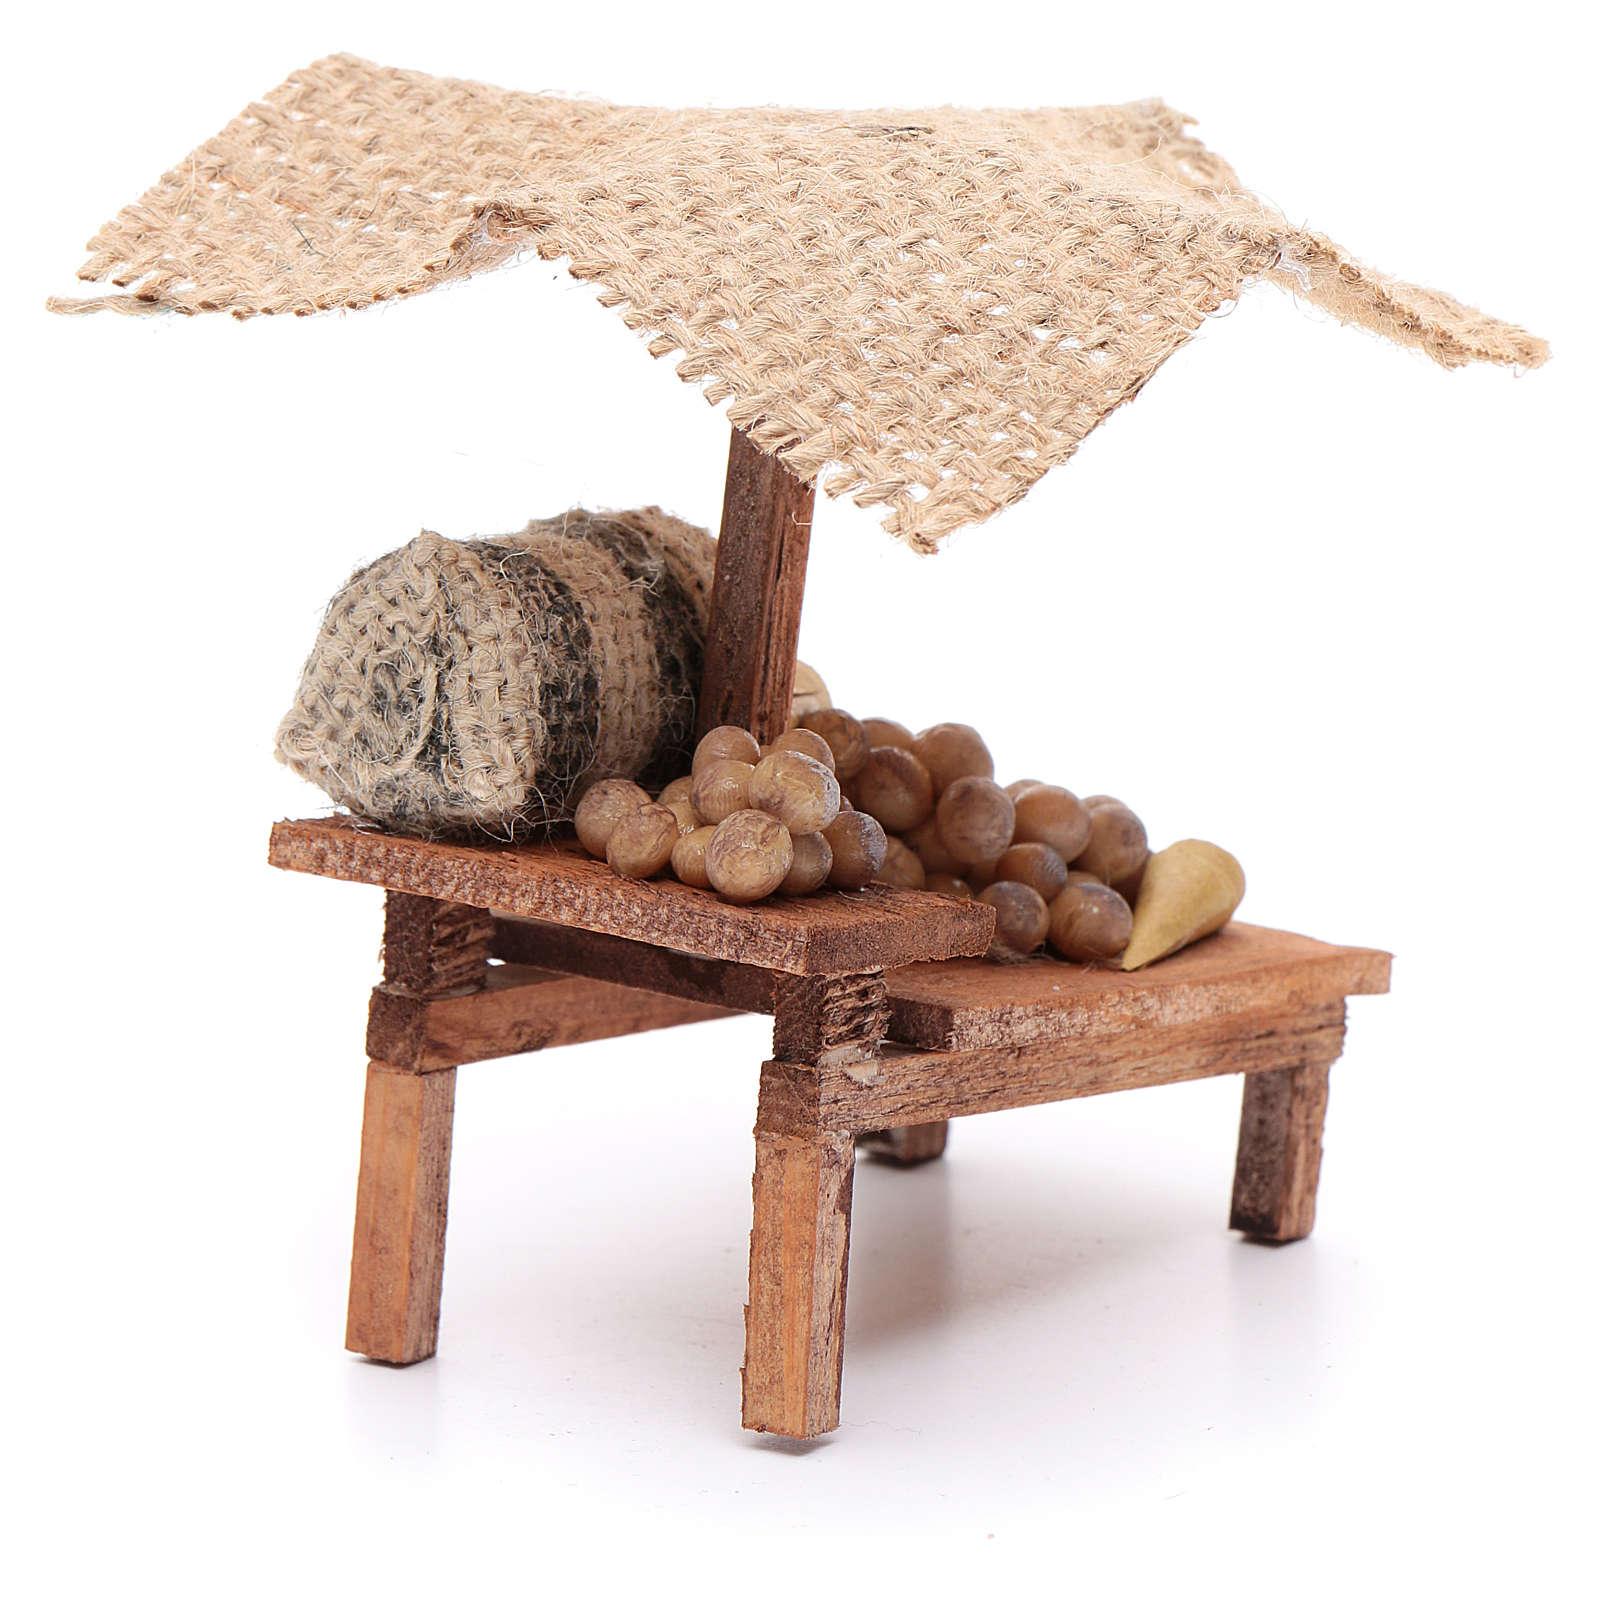 Banchetto patate 10x10x5 cm 4